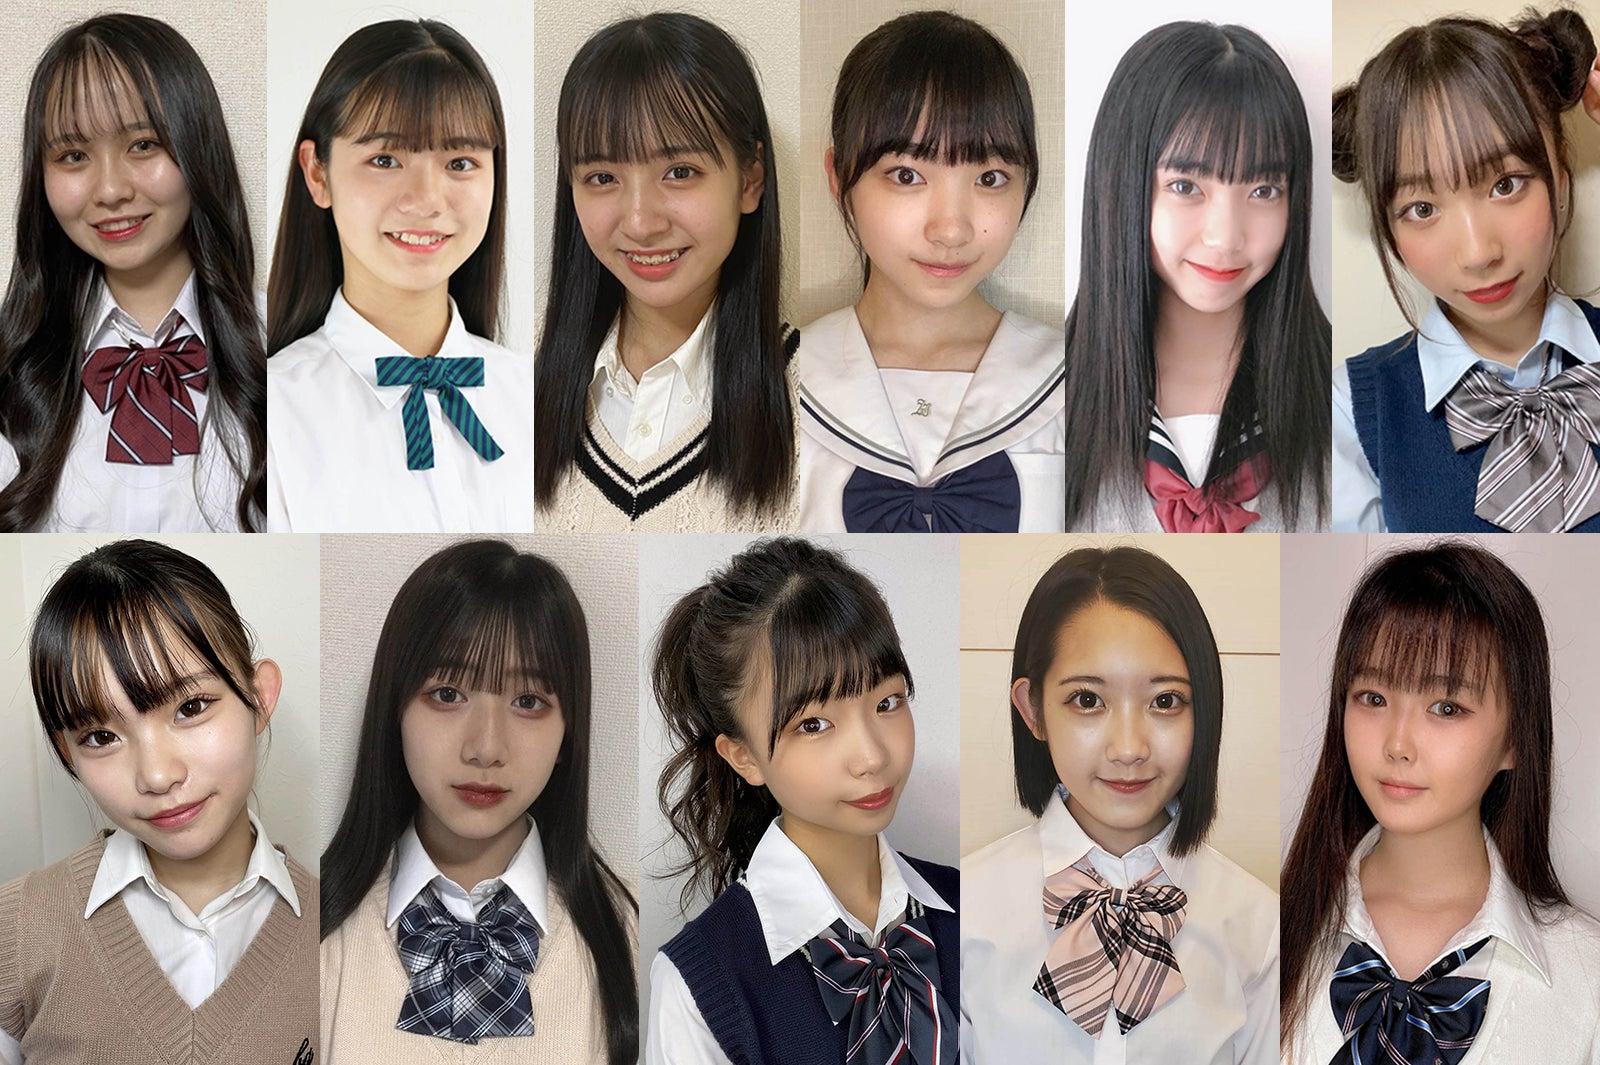 【画像】「日本一かわいい女子中学生」ファイナリストの11人が決定。お前らどれ選ぶ?